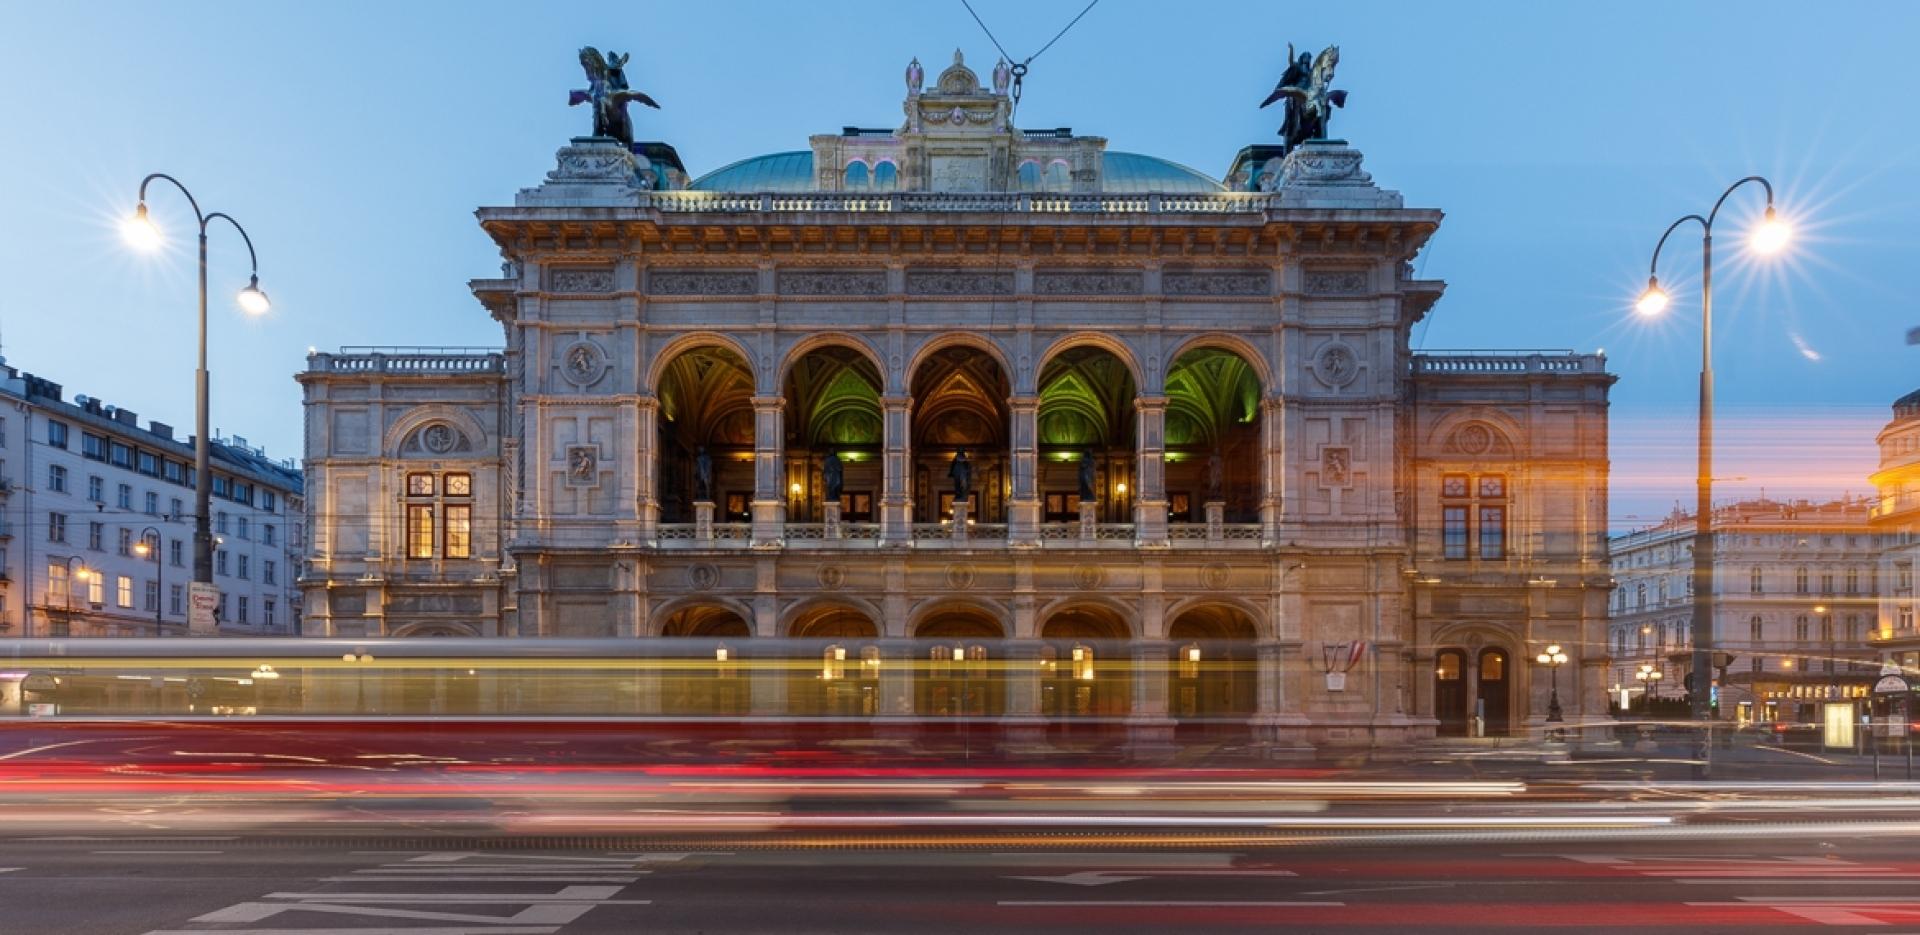 Architekturfotografie in der Altstadt Wiens - Canon Academy Architektur